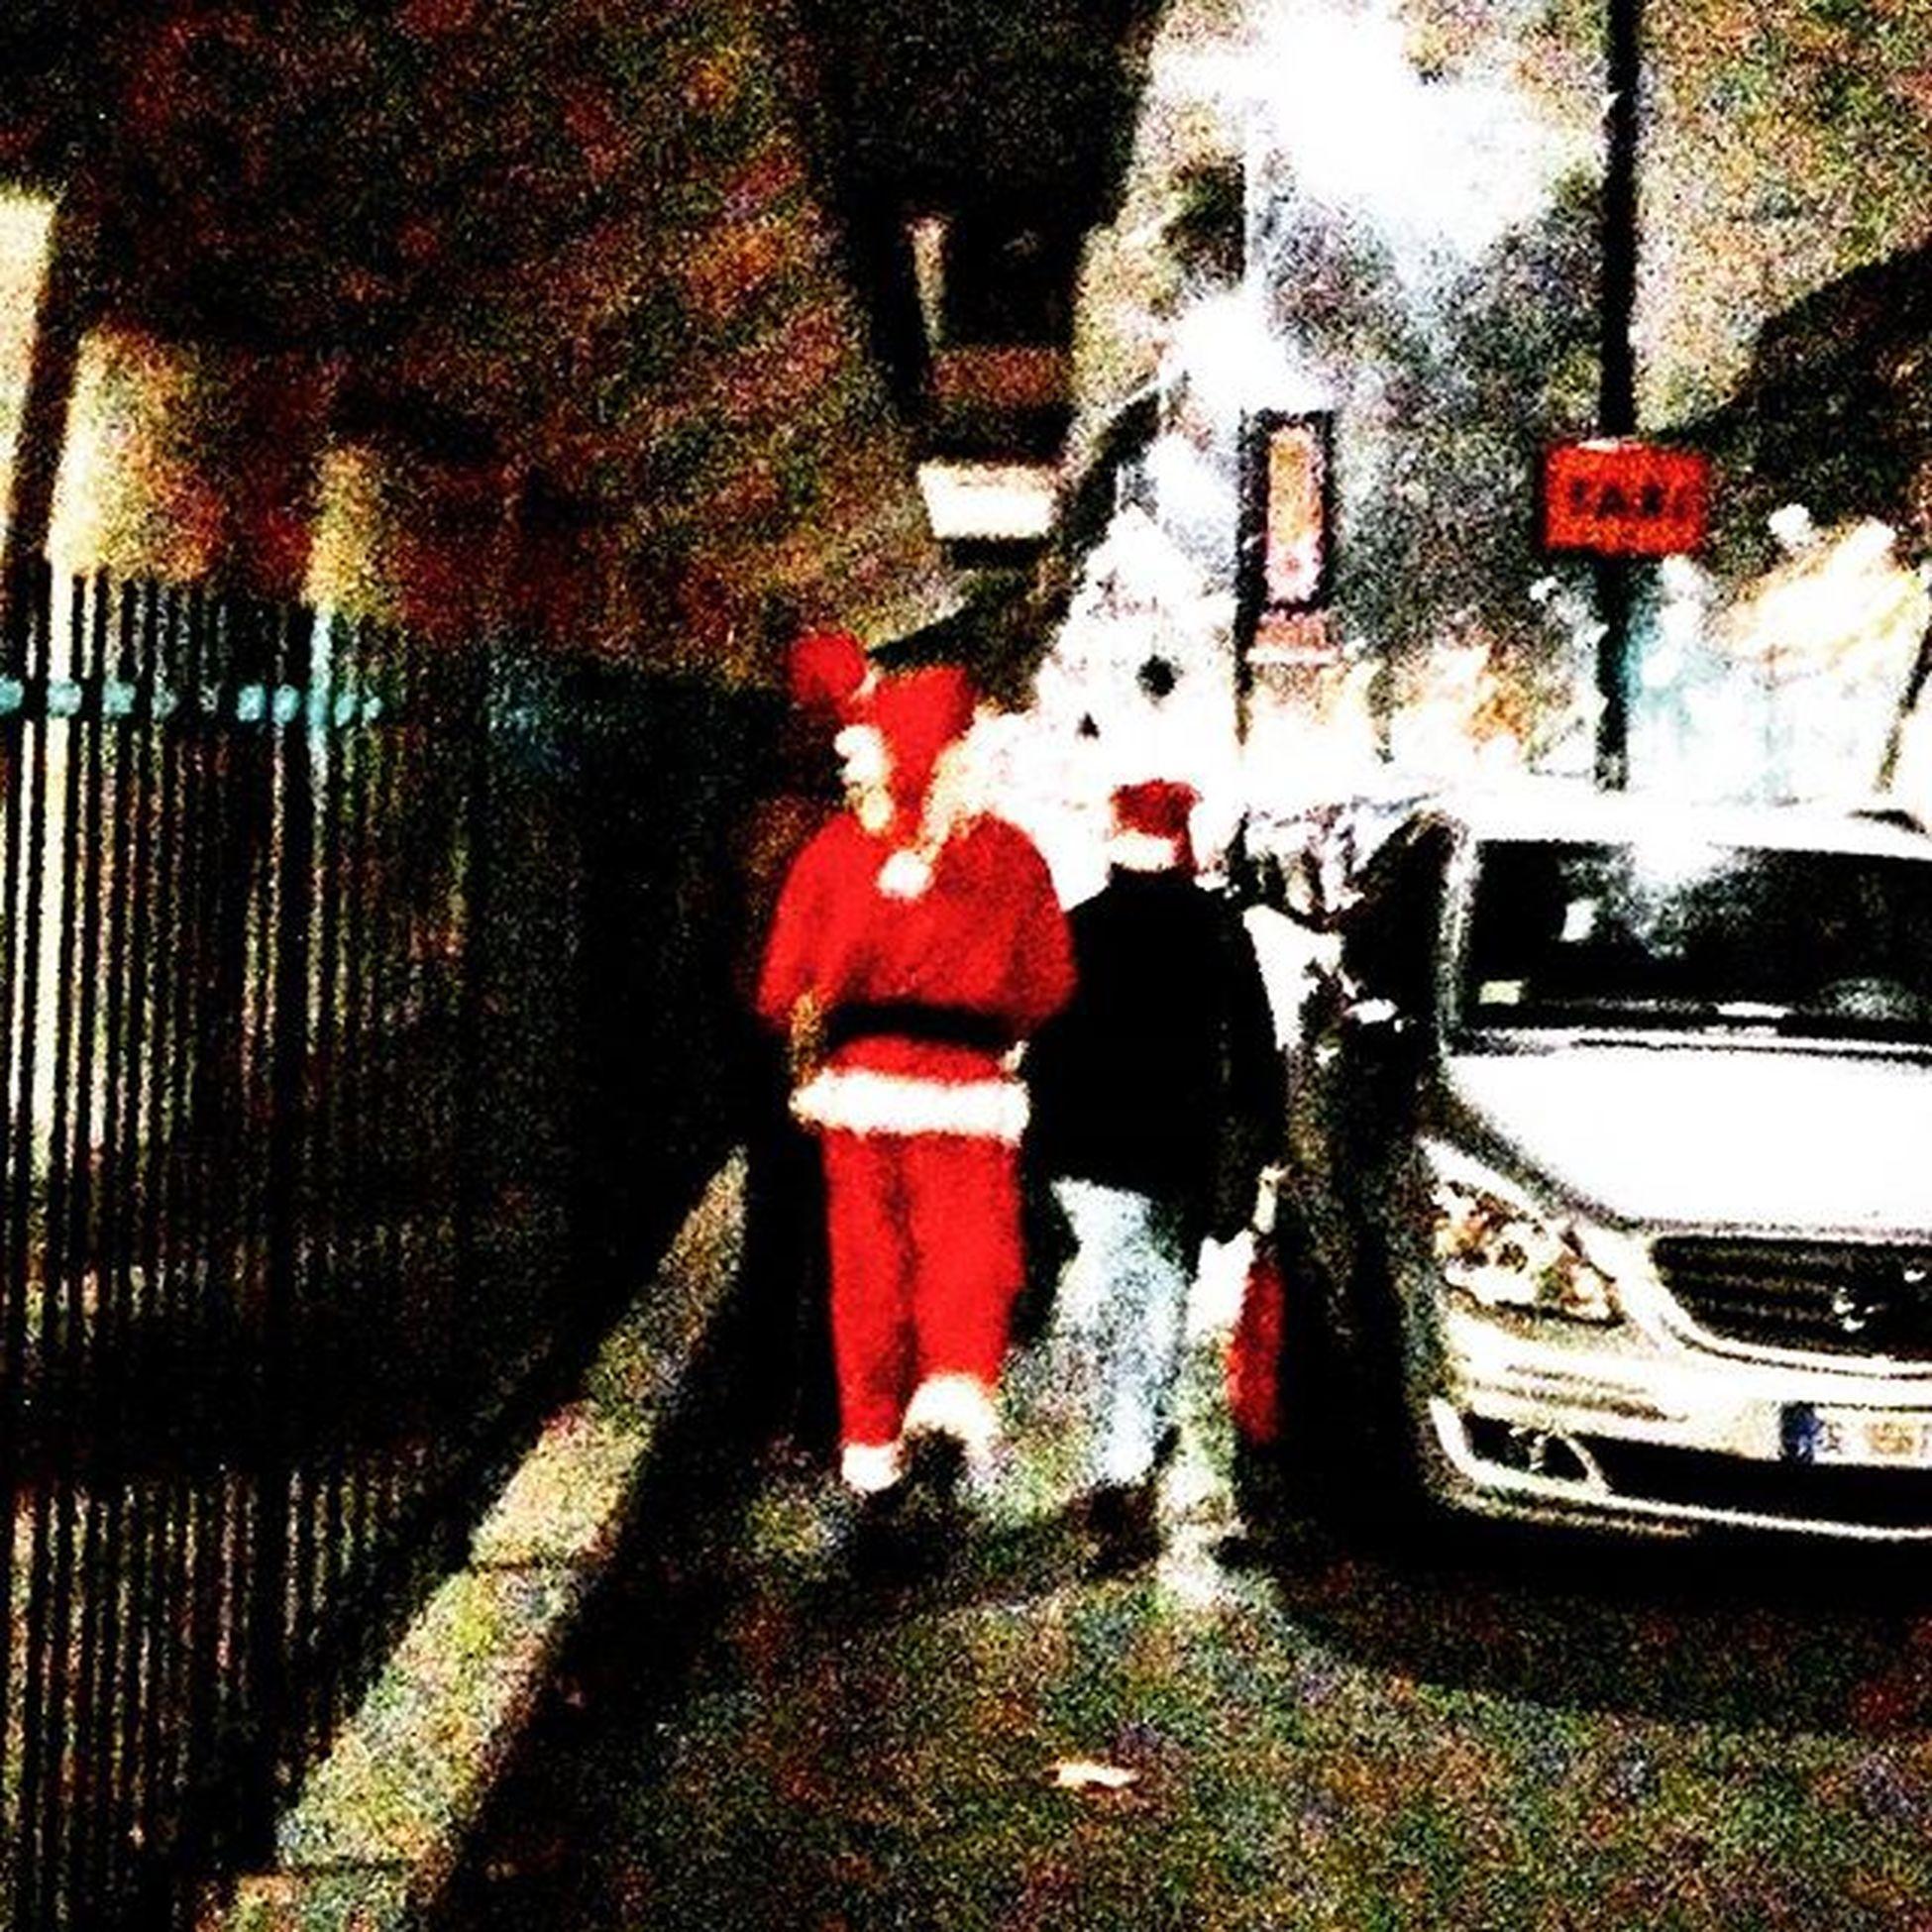 BabboNatale in anticipo per le strade di Milano. Stava aspettando per il rifornimento delle sue renne